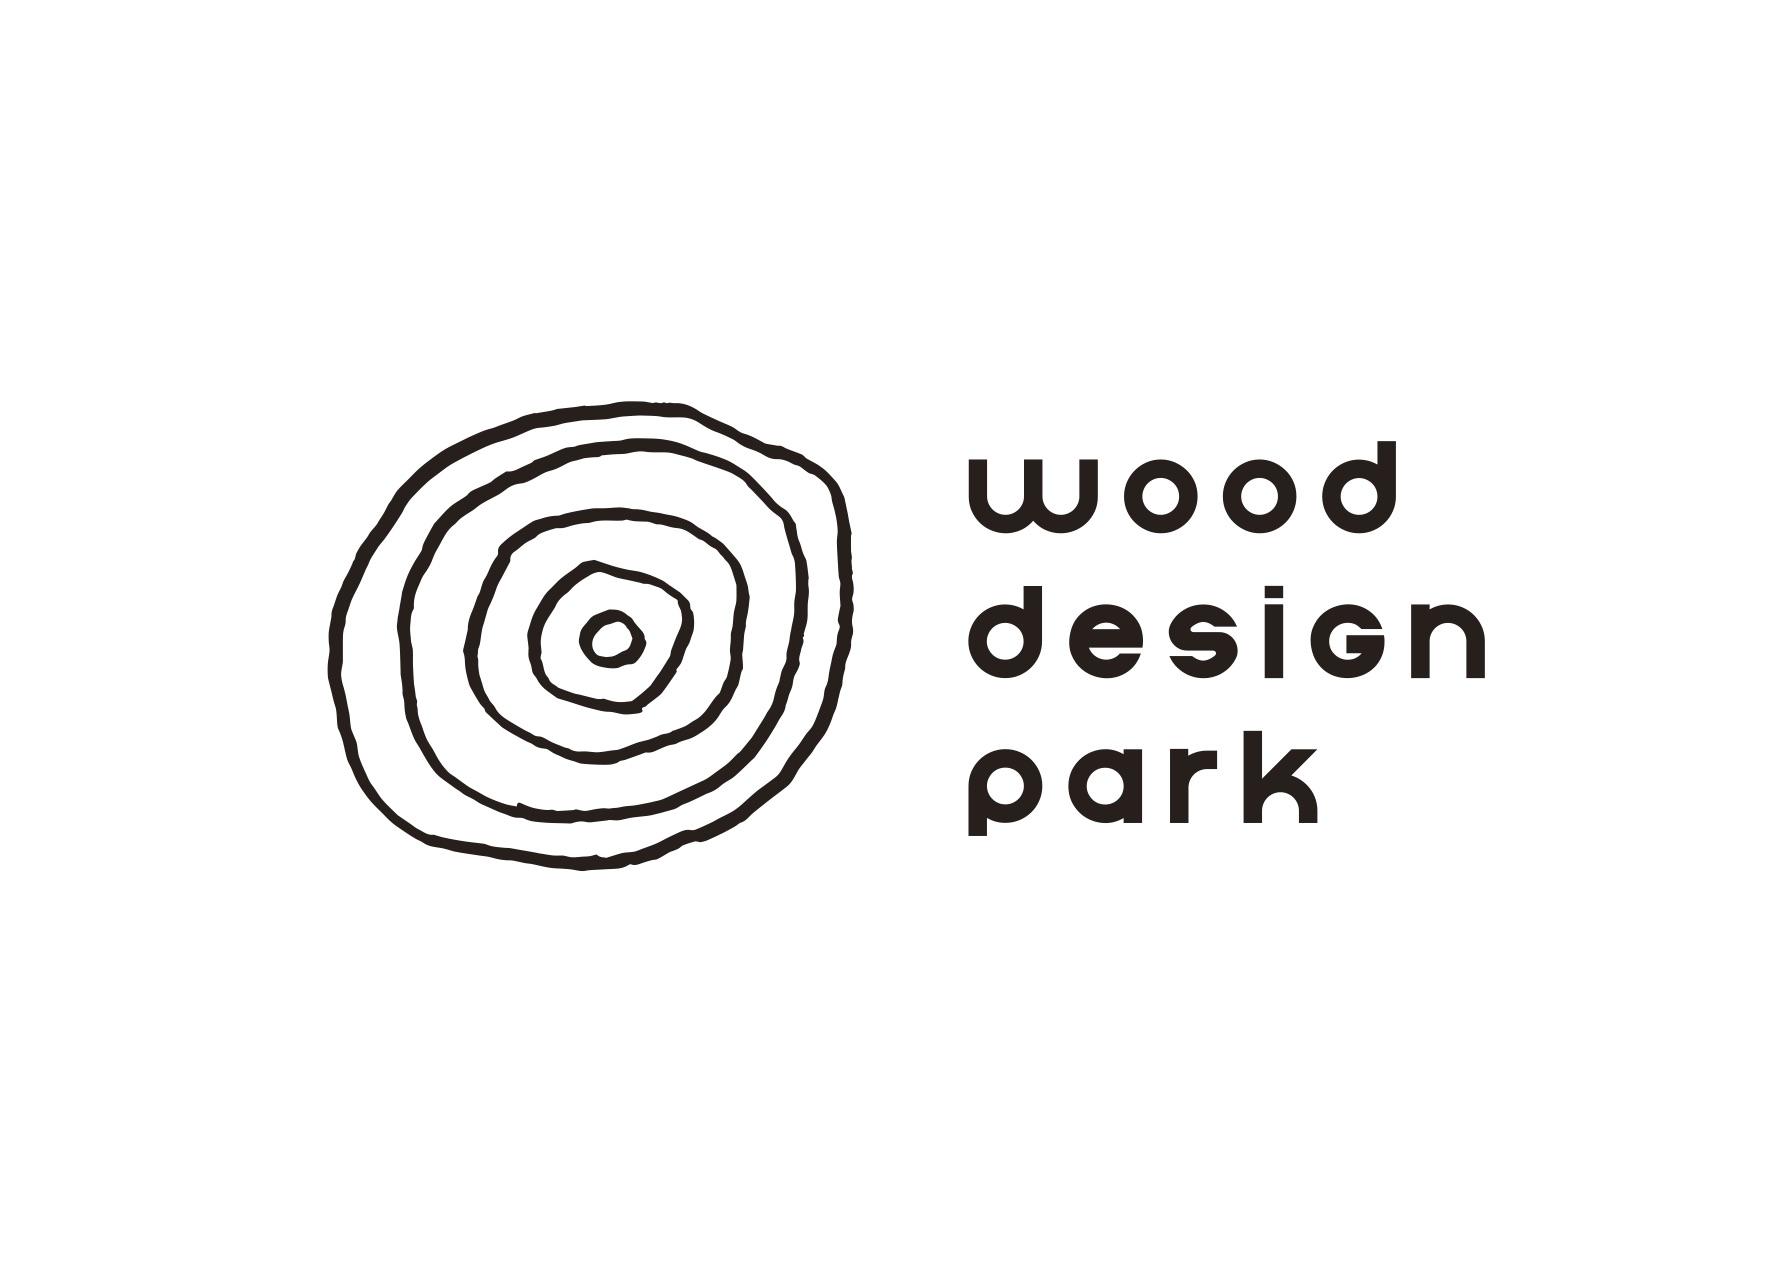 wood design park Lejac店